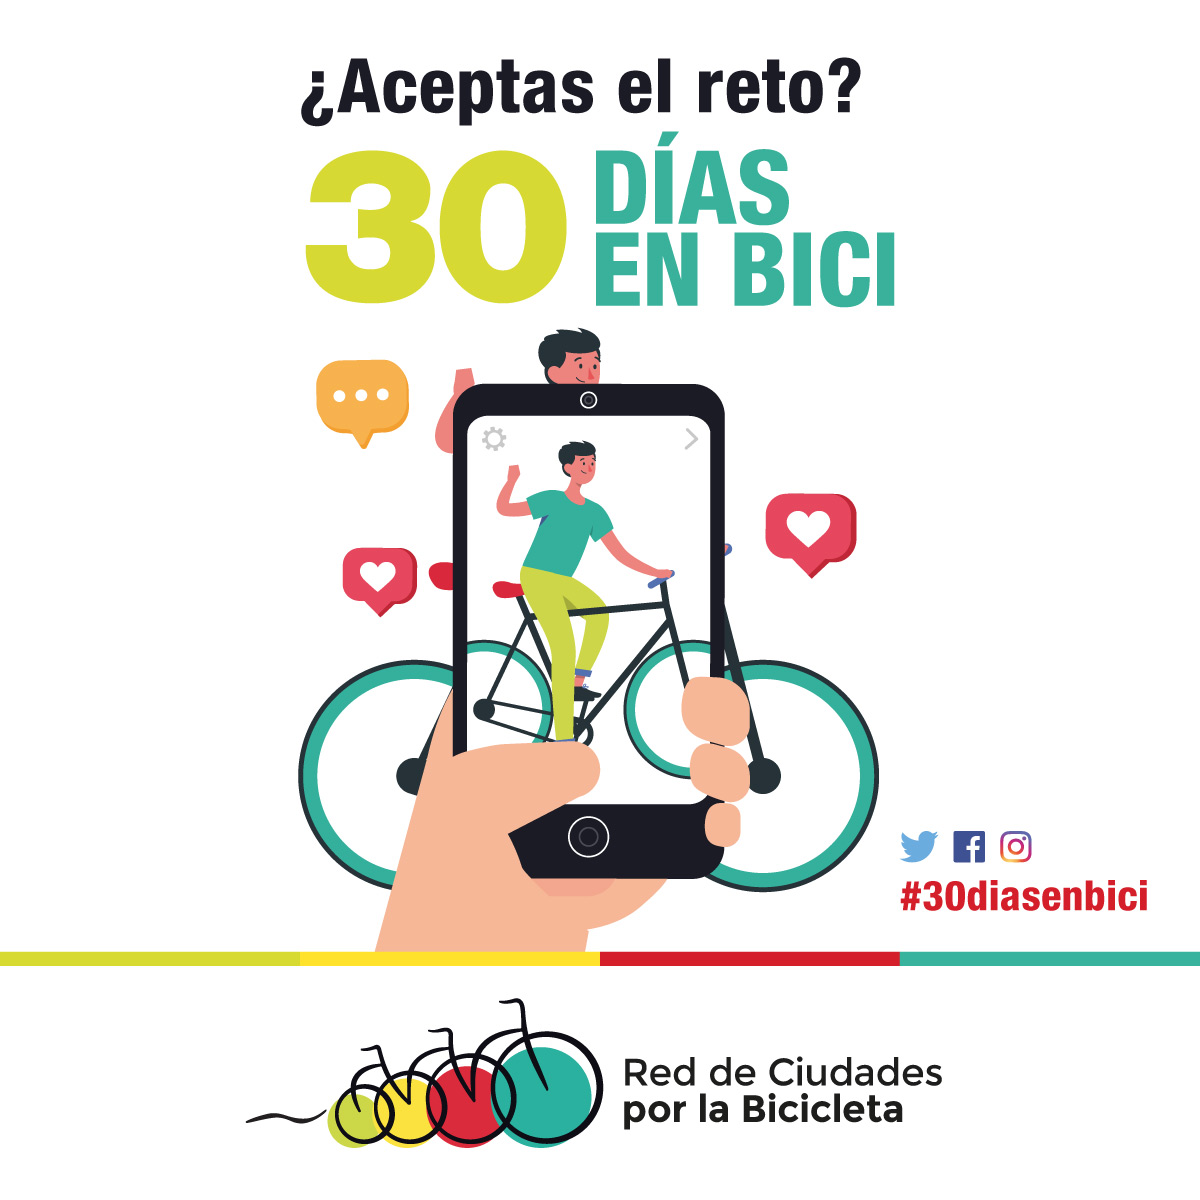 La Red de Ciudades por la Bicicleta será aliada de 30DEB en septiembre 2020 - 30 Días en Bici